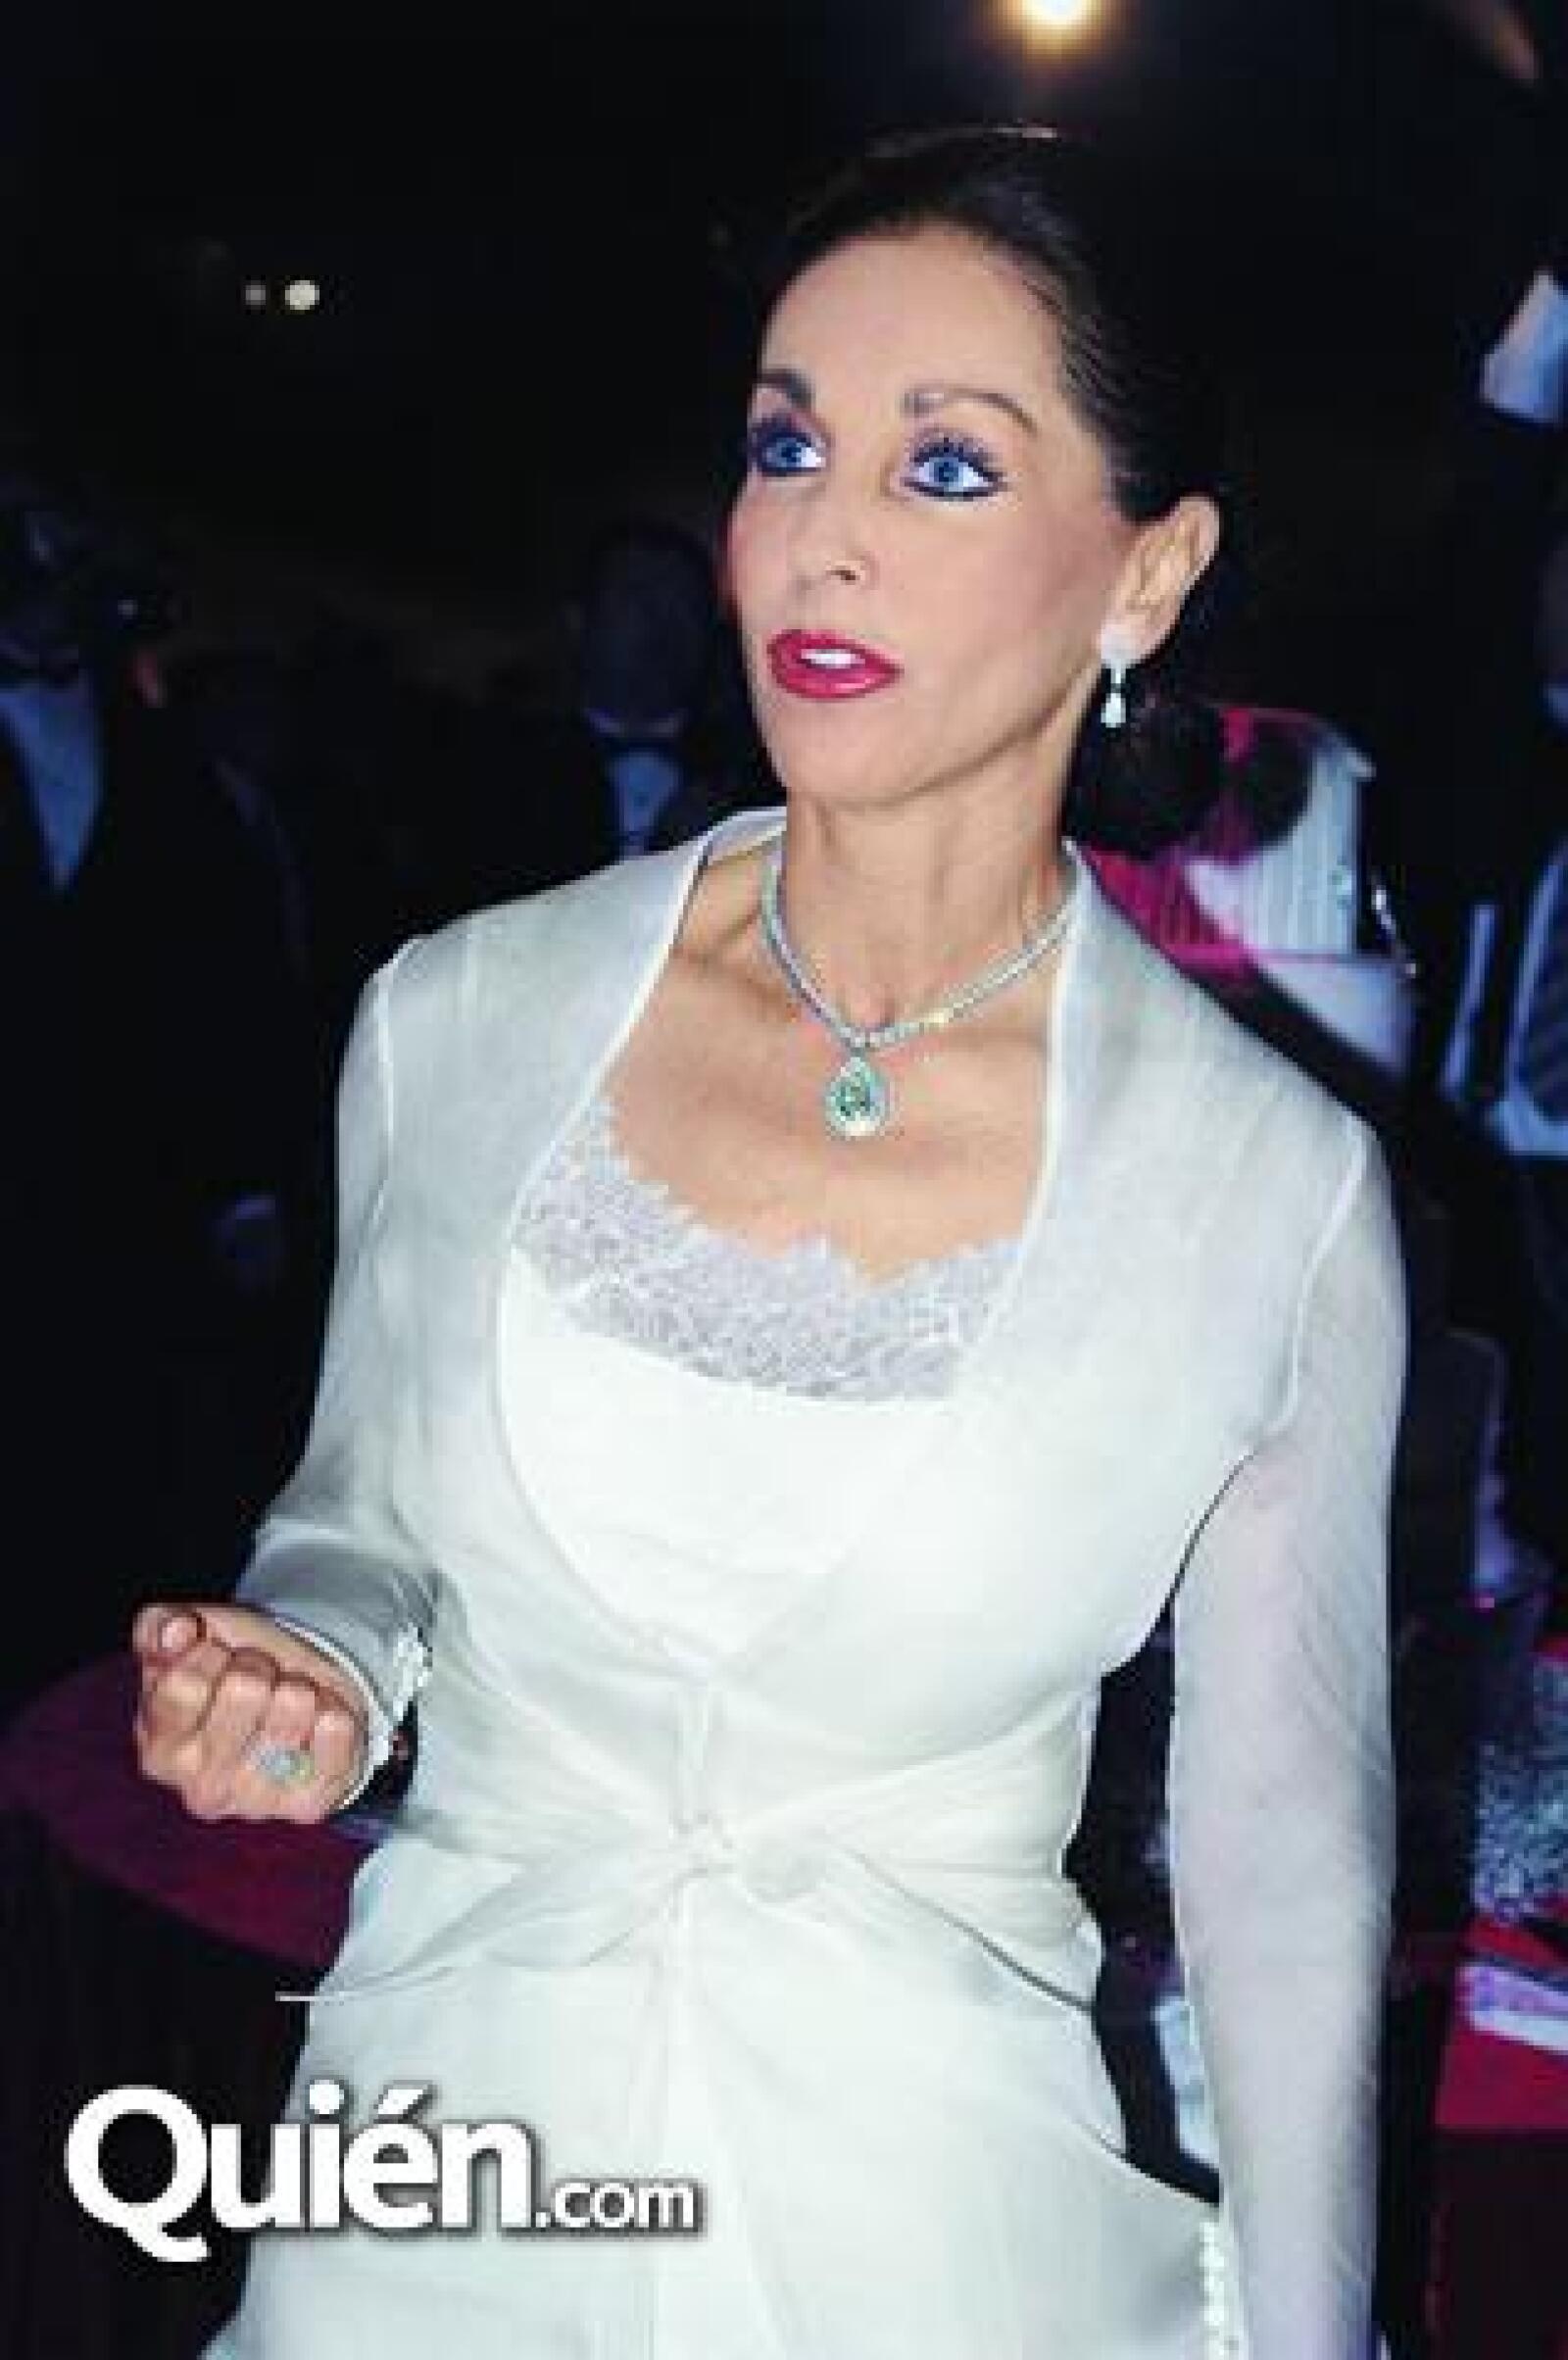 La mamá de la novia lució joyas espectaculares durante la boda. En la foto: María Elvia Amaya de Hank